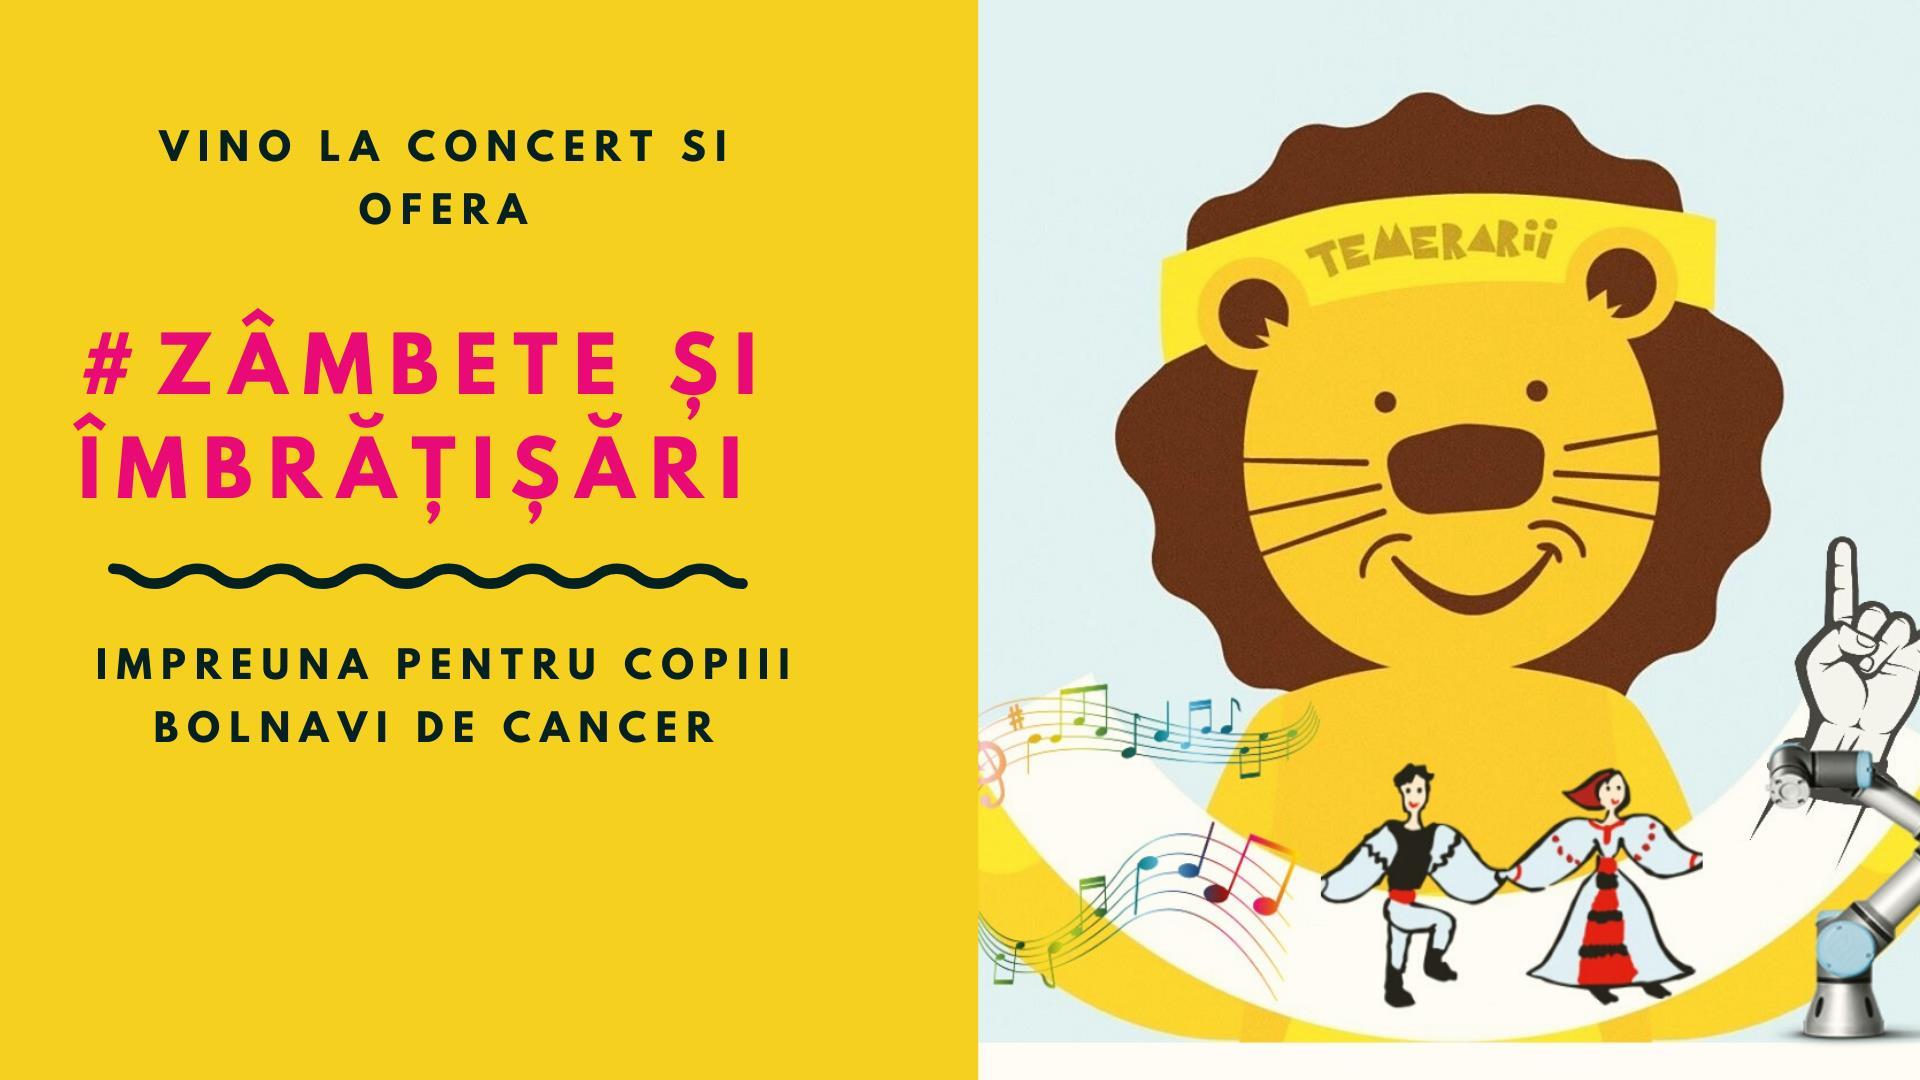 Poți să visezi, Poți să faci | Concert caritabil